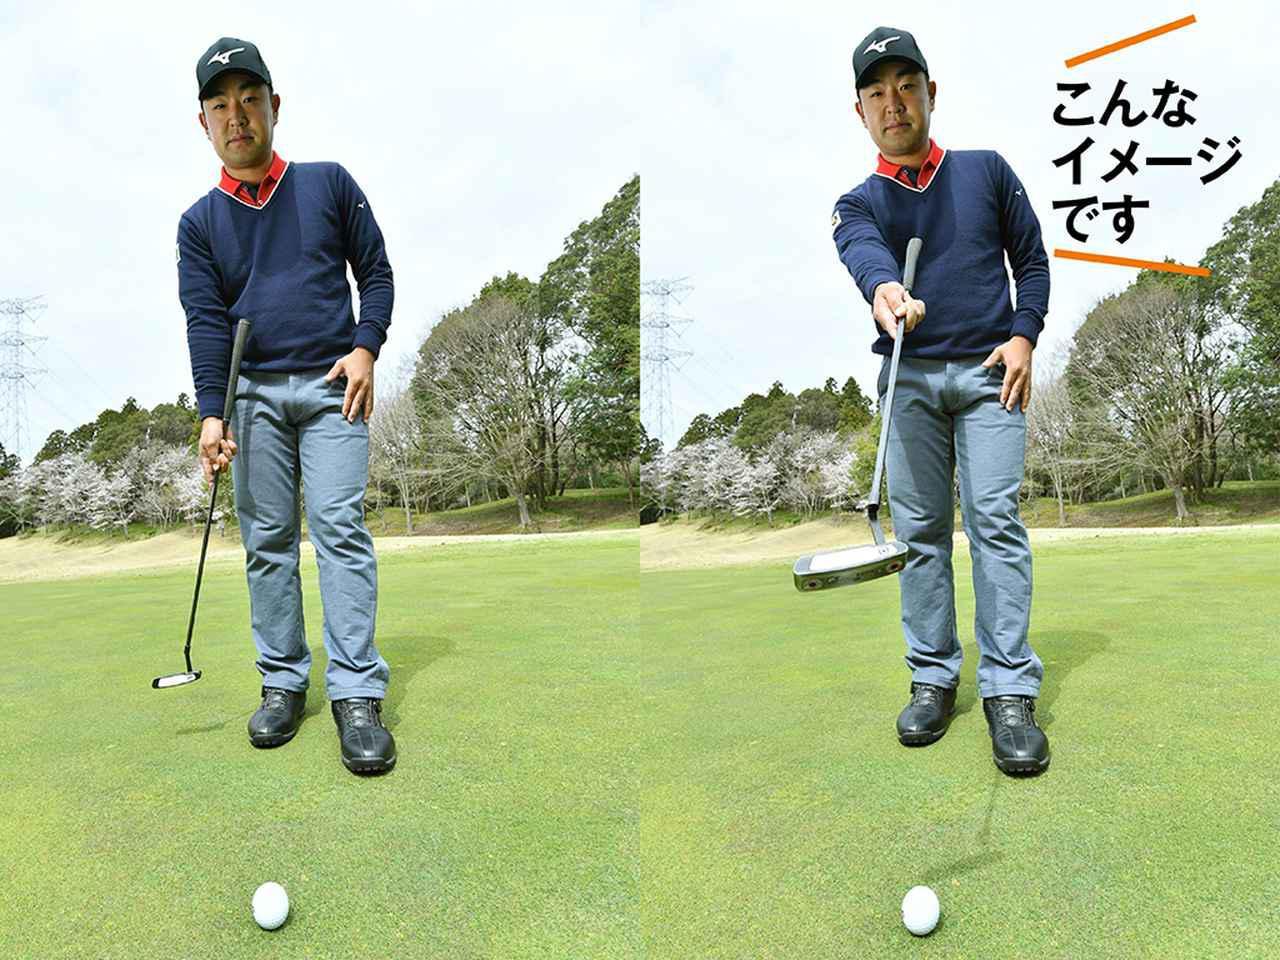 画像2: 【パットは右手】 右手で転がす感覚